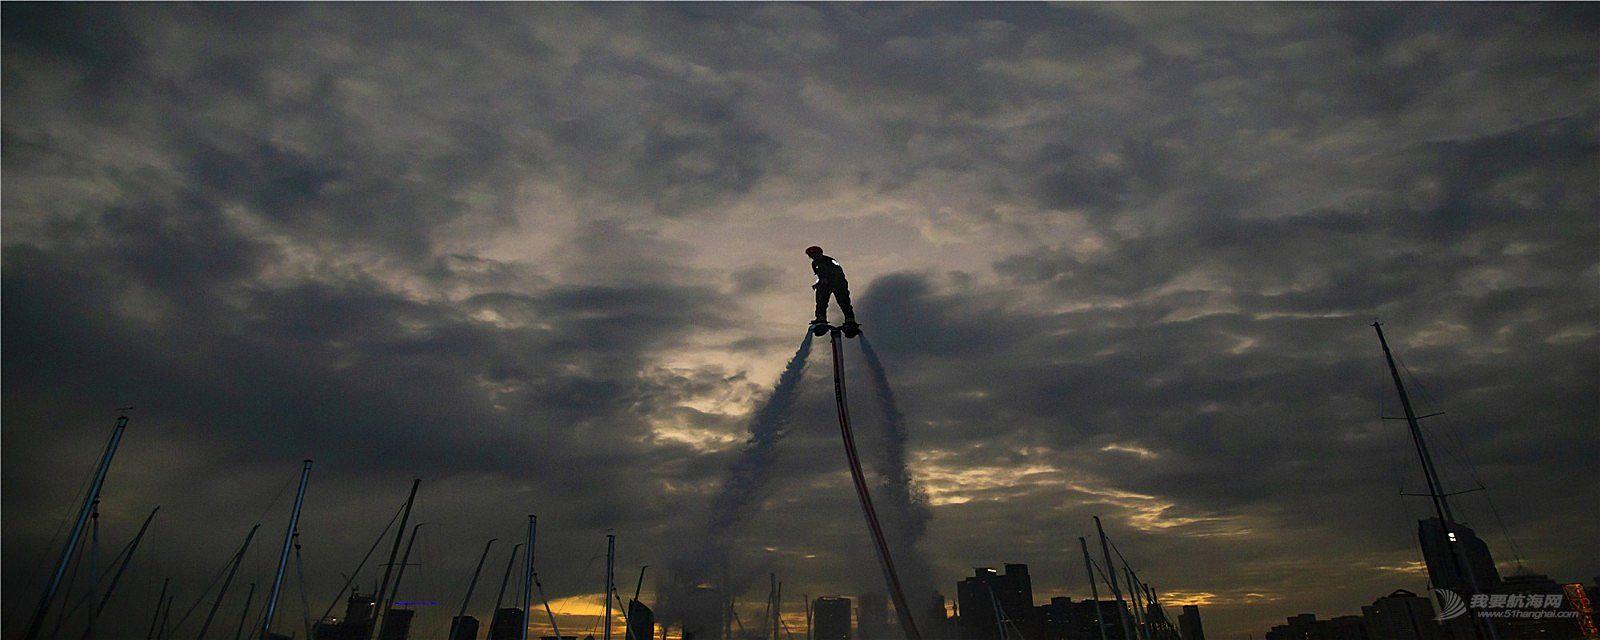 2018.中体产业城市俱乐部国际帆船赛,摩托艇表演